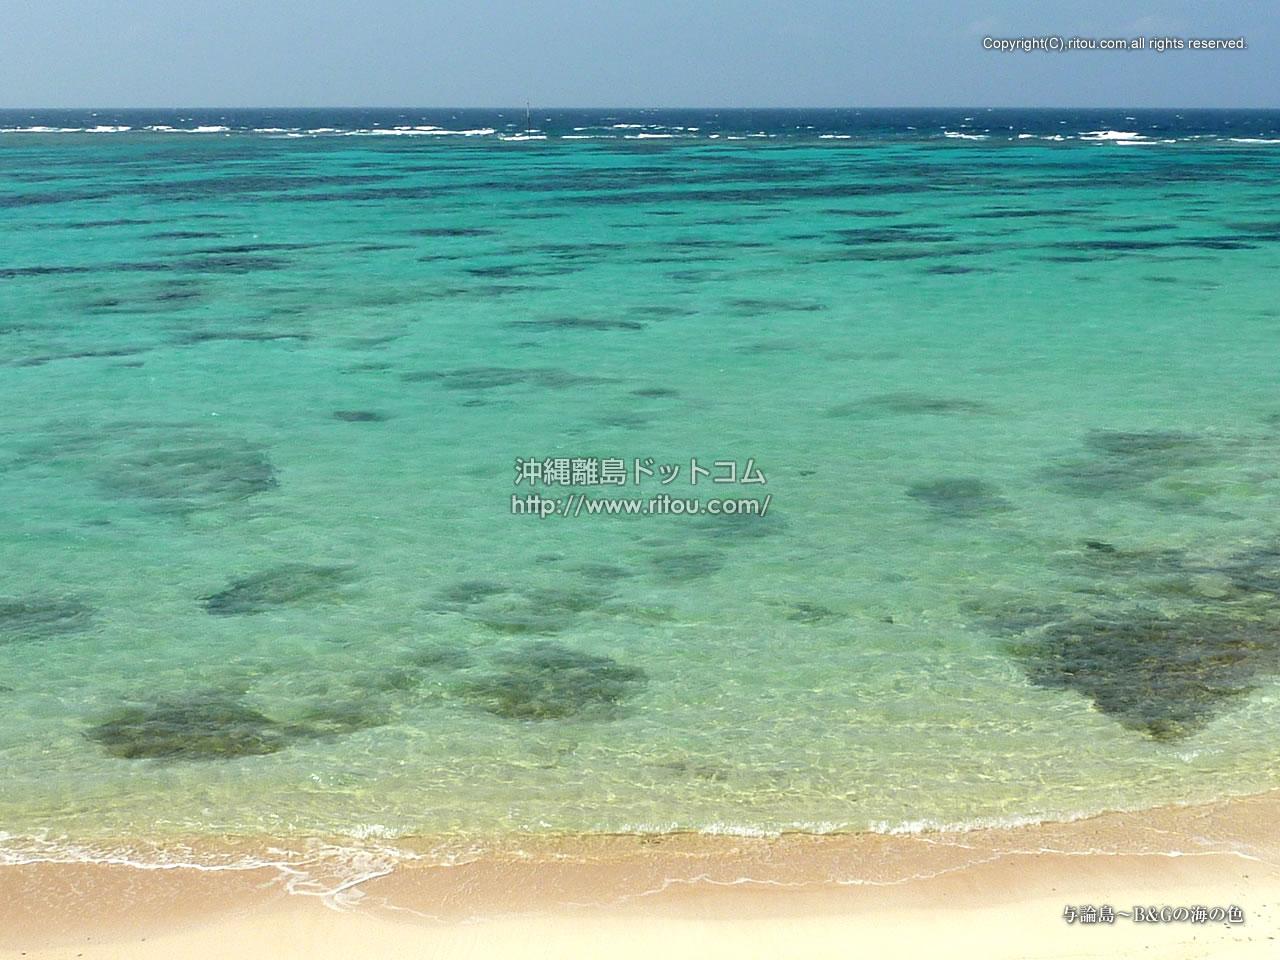 与論島〜B&Gの海の色